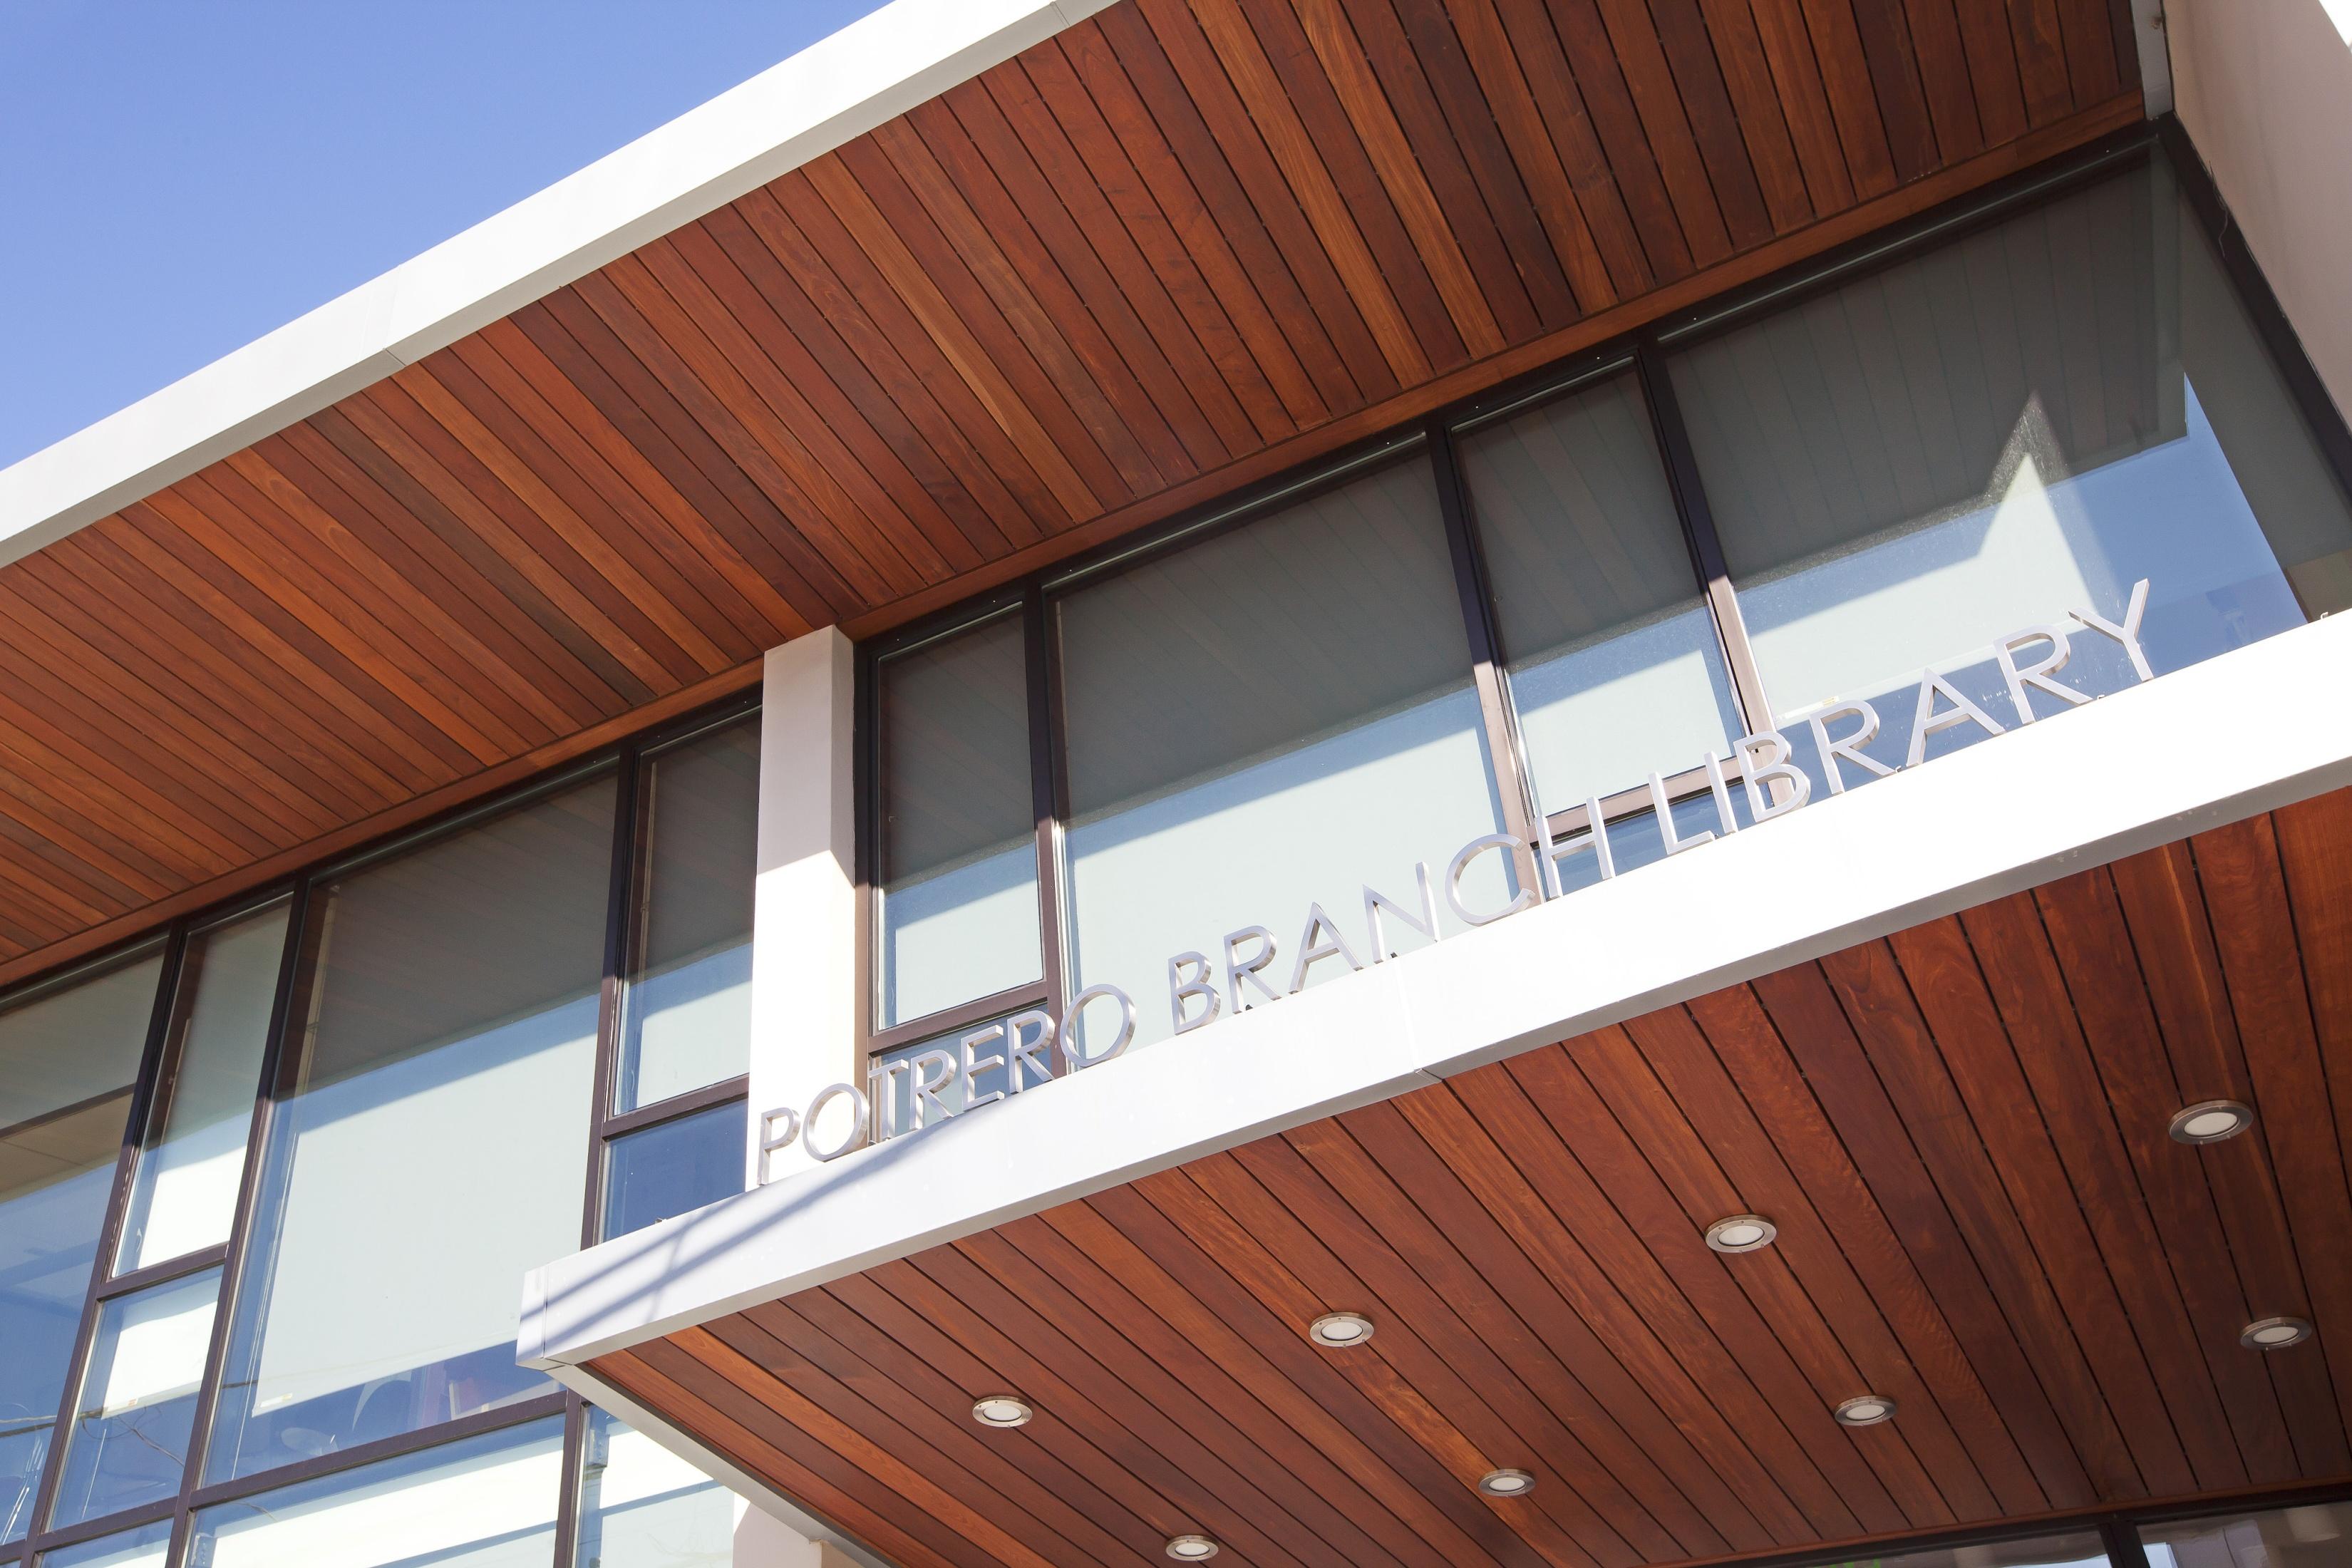 Potrero_Hill_Library2